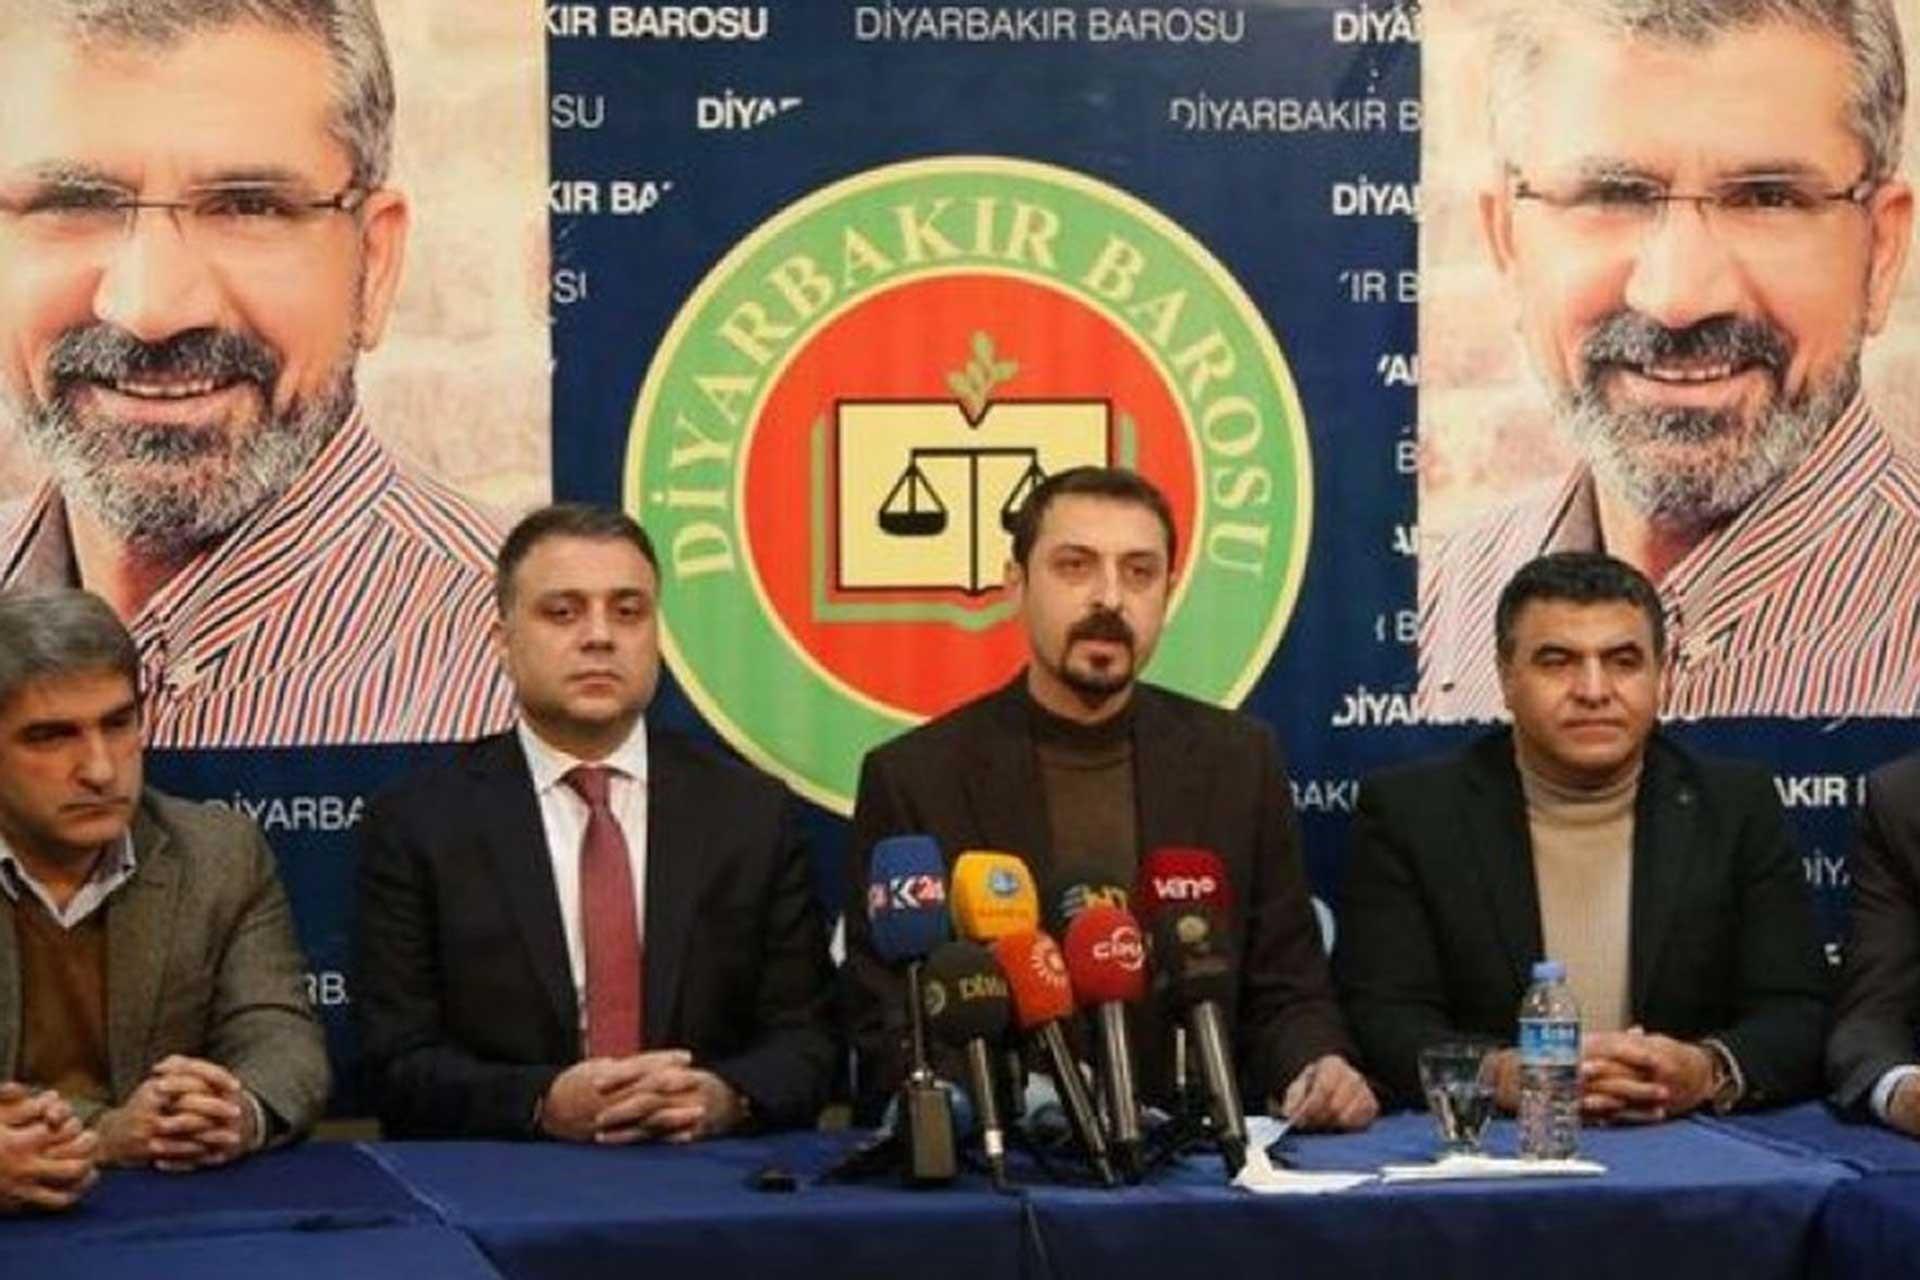 Diyarbakır Barosu yönetimi, Tahir Elçi'nin olduğu fotoğraflarının önüne kurulmuş bir masada basın açıklaması yapıyor.